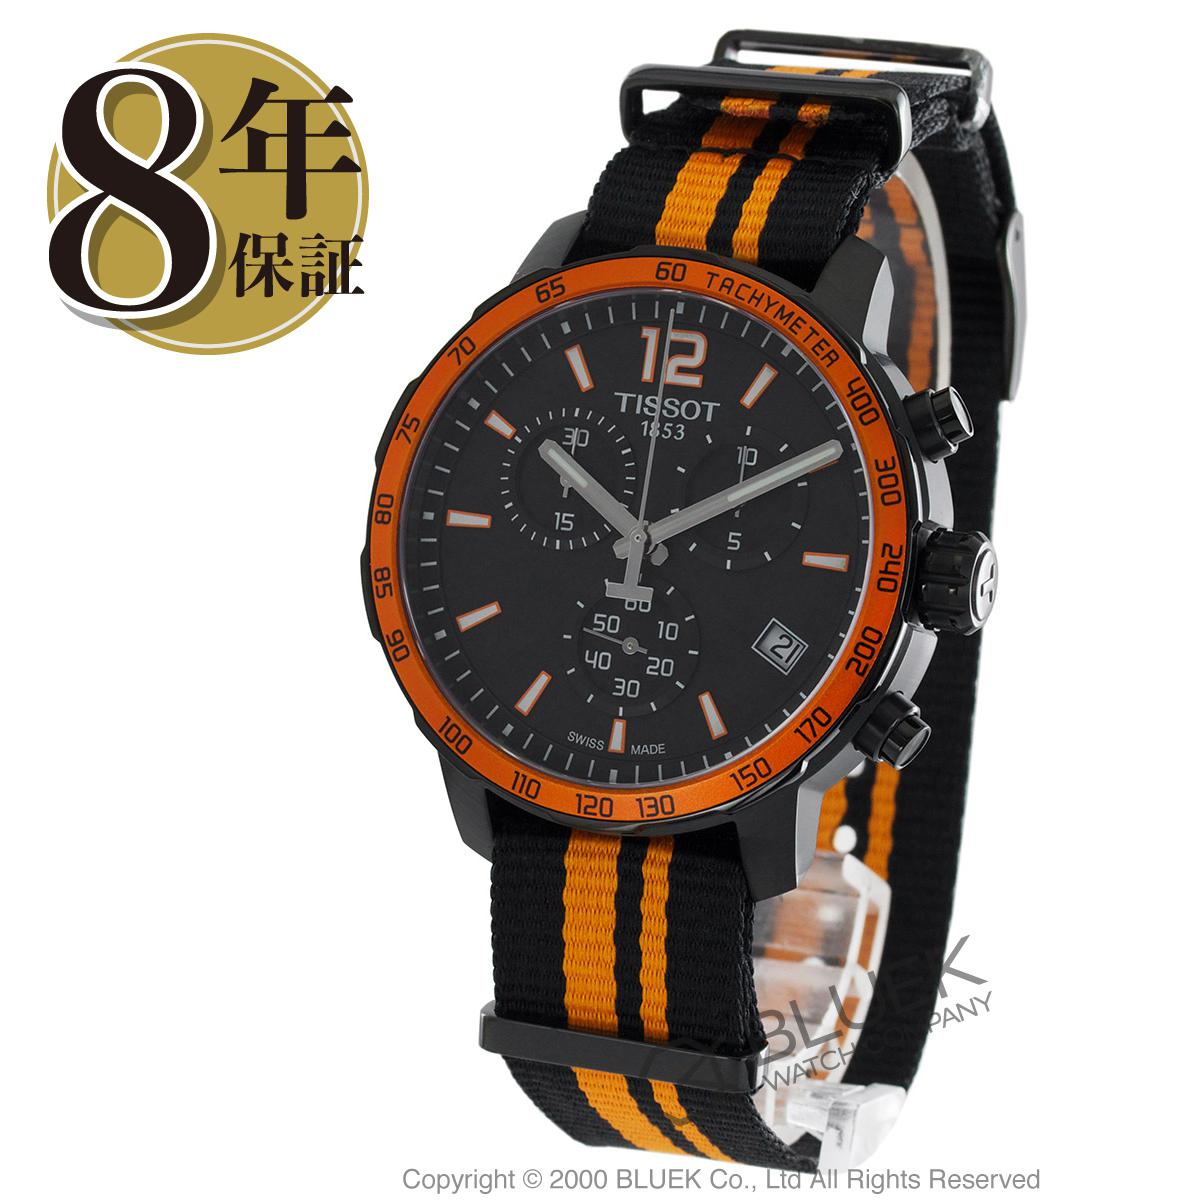 ティソ T-スポーツ クイックスター 替えベルト付き クロノグラフ 腕時計 メンズ TISSOT T095.417.37.057.00_8